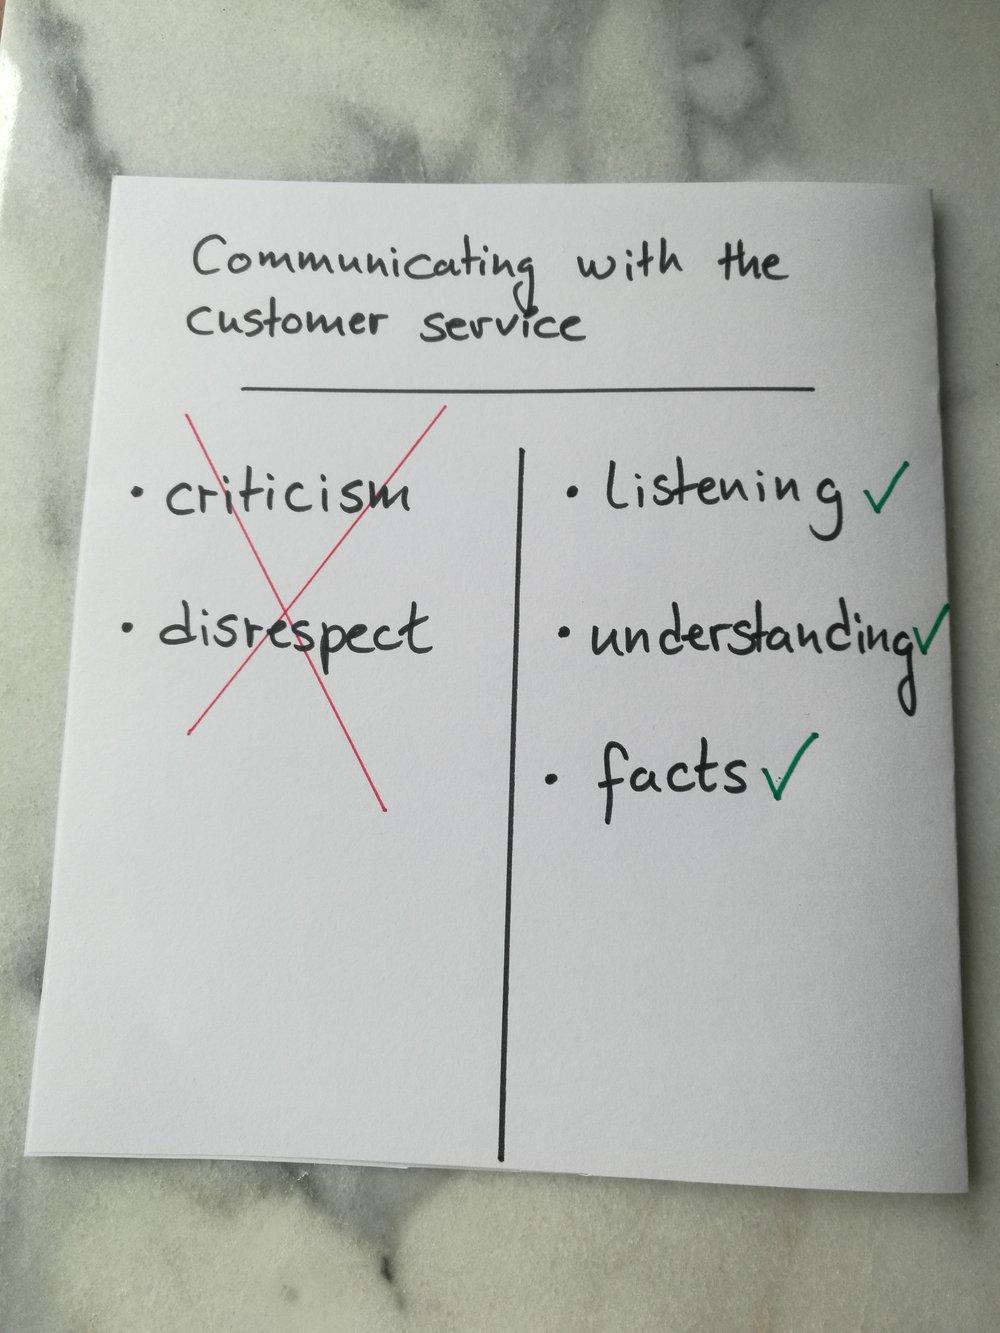 understandig Verständnis Kundendienst customer service